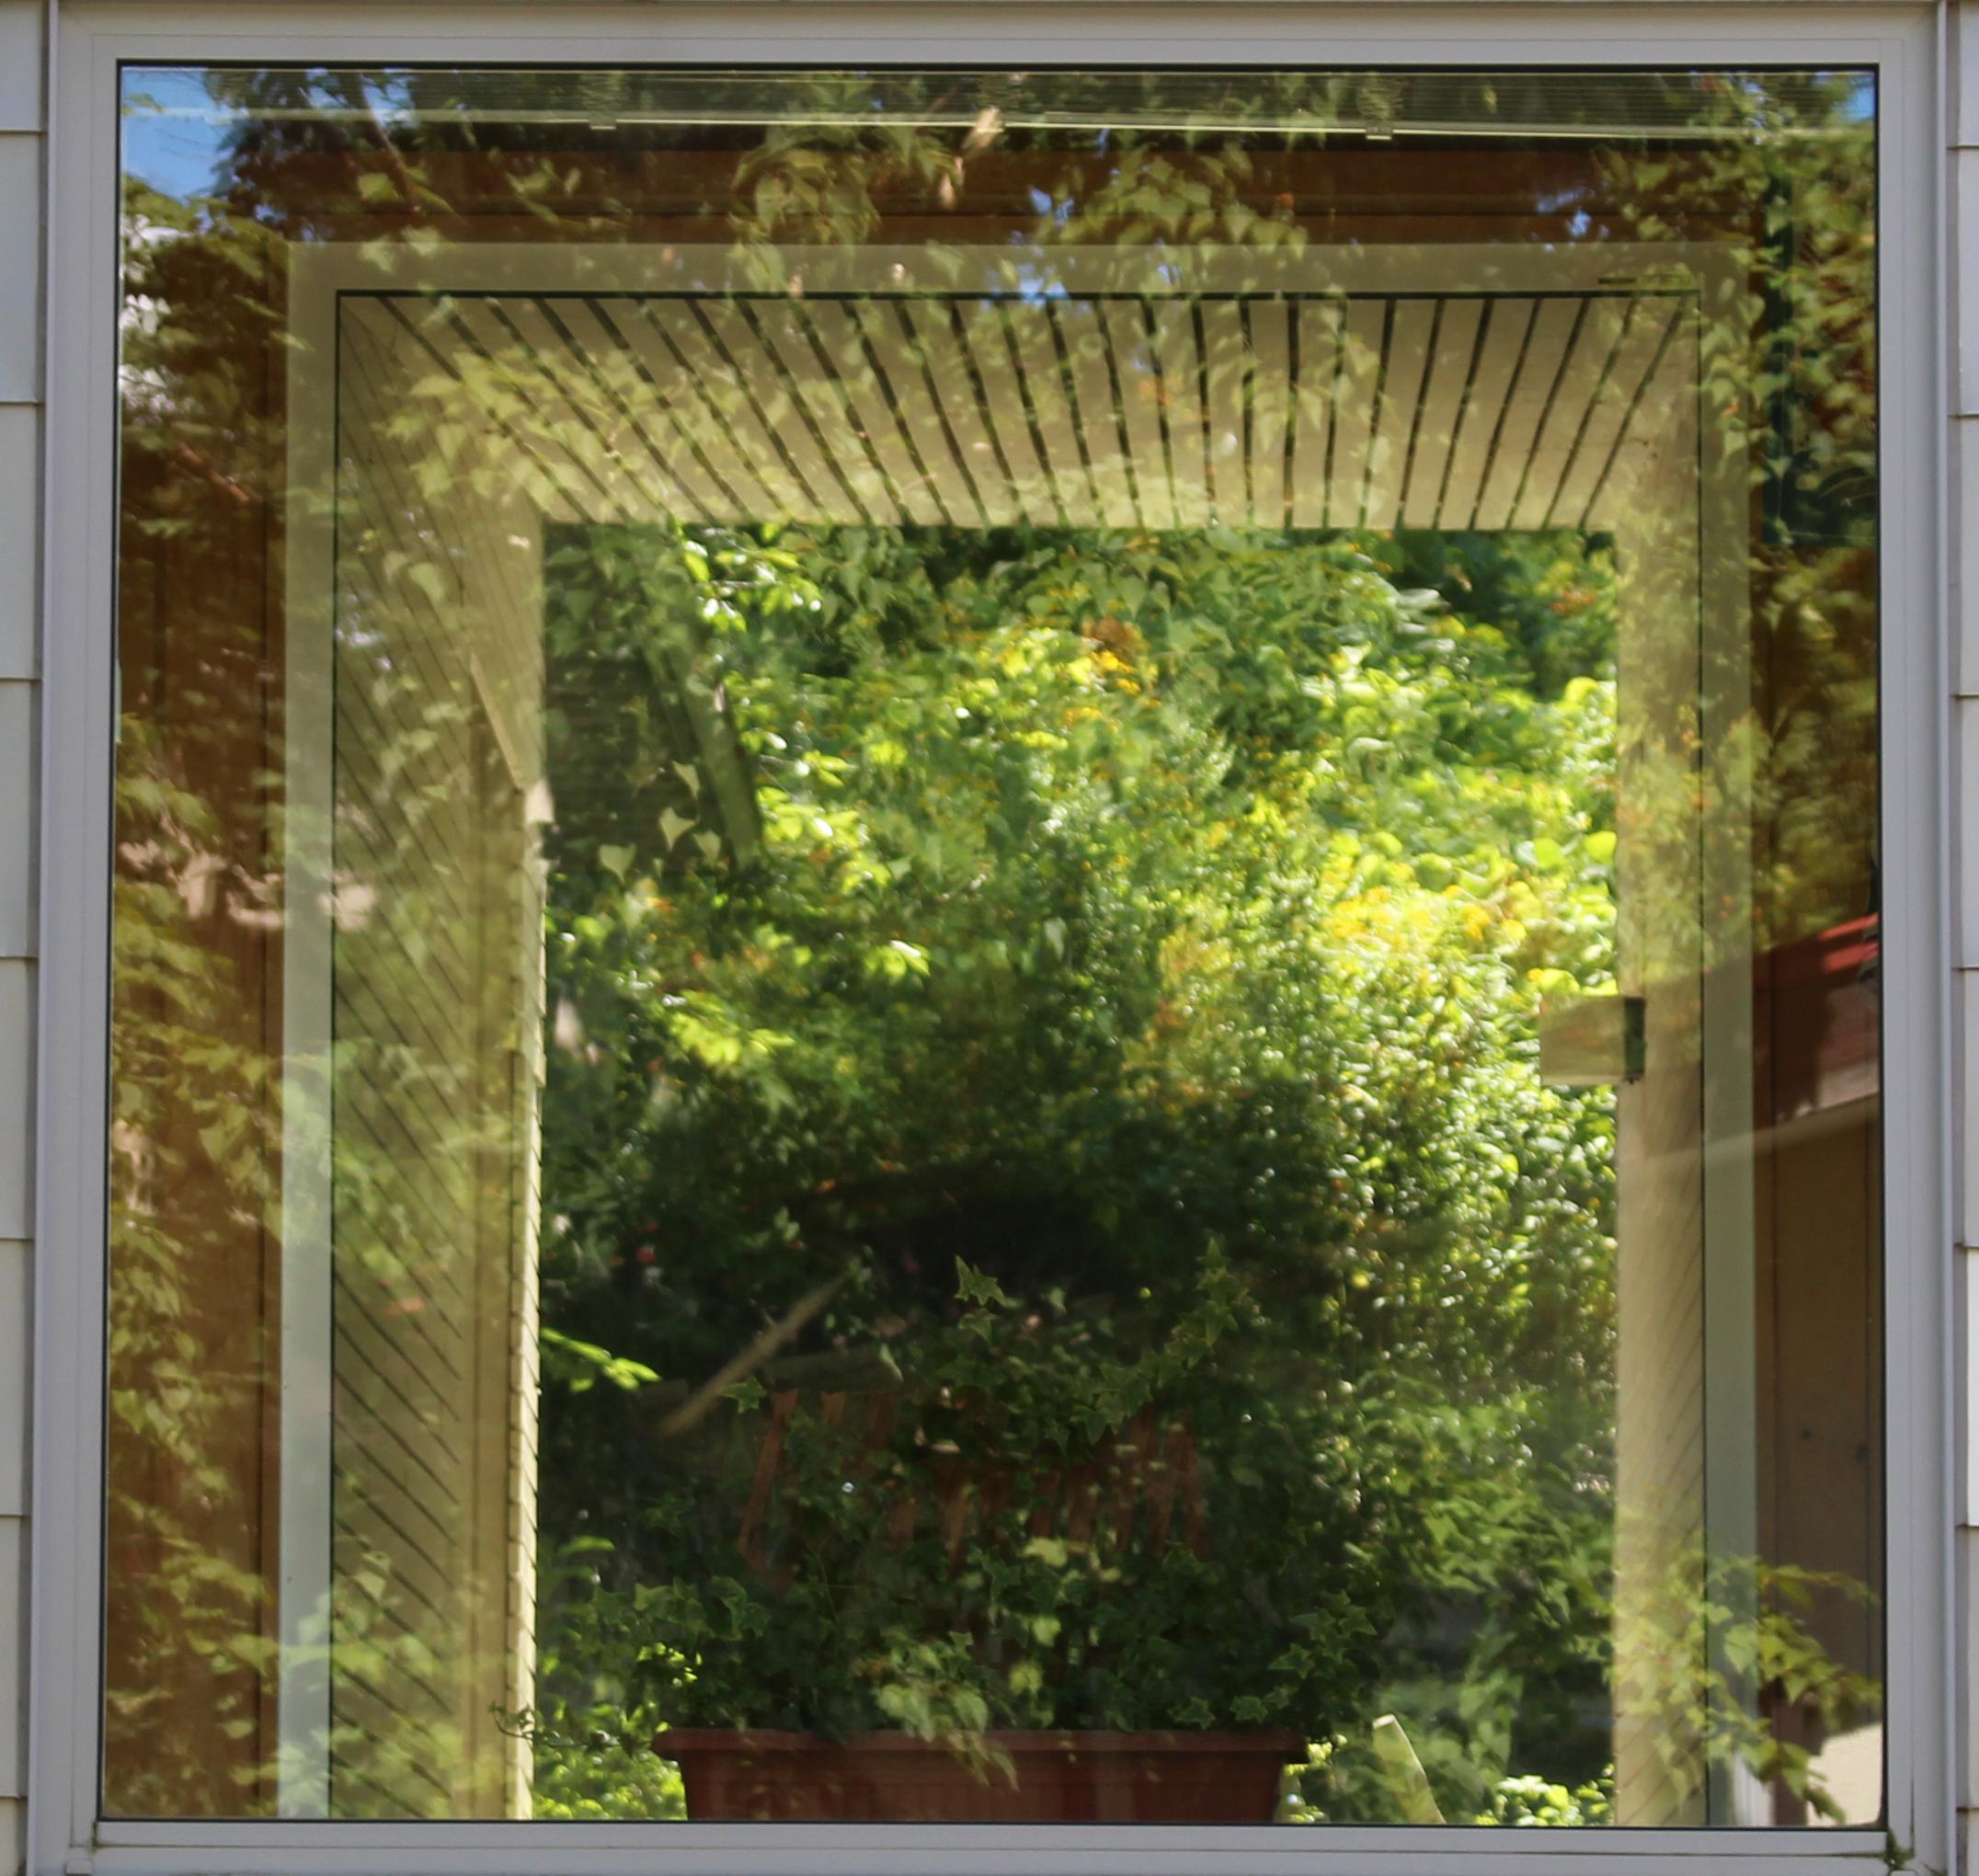 住宅デザインサイトhomify 特集記事「ペアガラスで快適な室内空間に!その特徴とメリットまとめ」